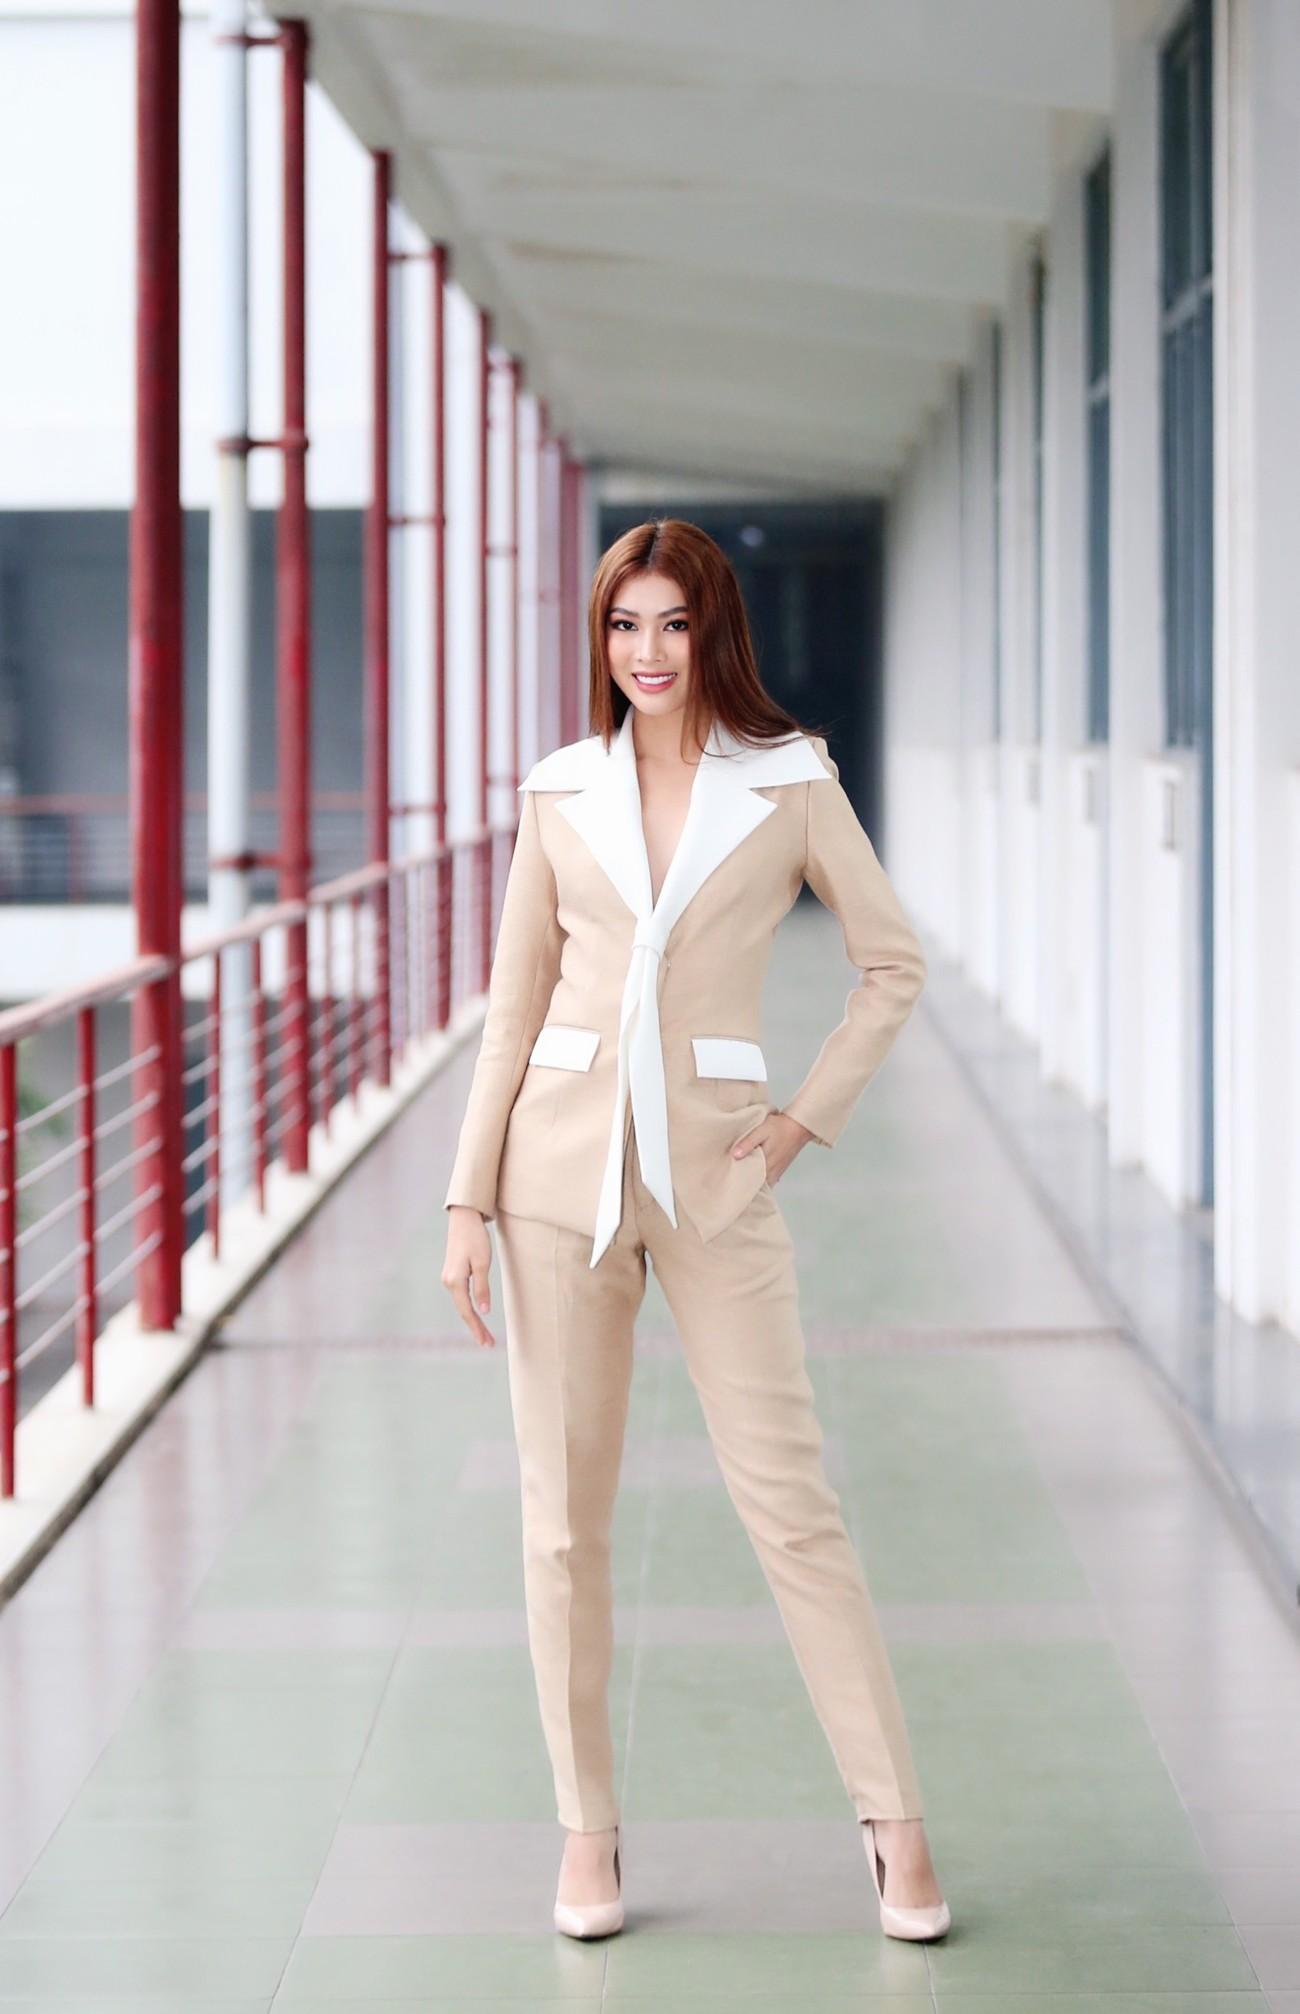 Hoa hậu Đỗ Thị Hà và Á hậu Phương Anh, Ngọc Thảo giản dị vẫn cực xinh đẹp ảnh 8